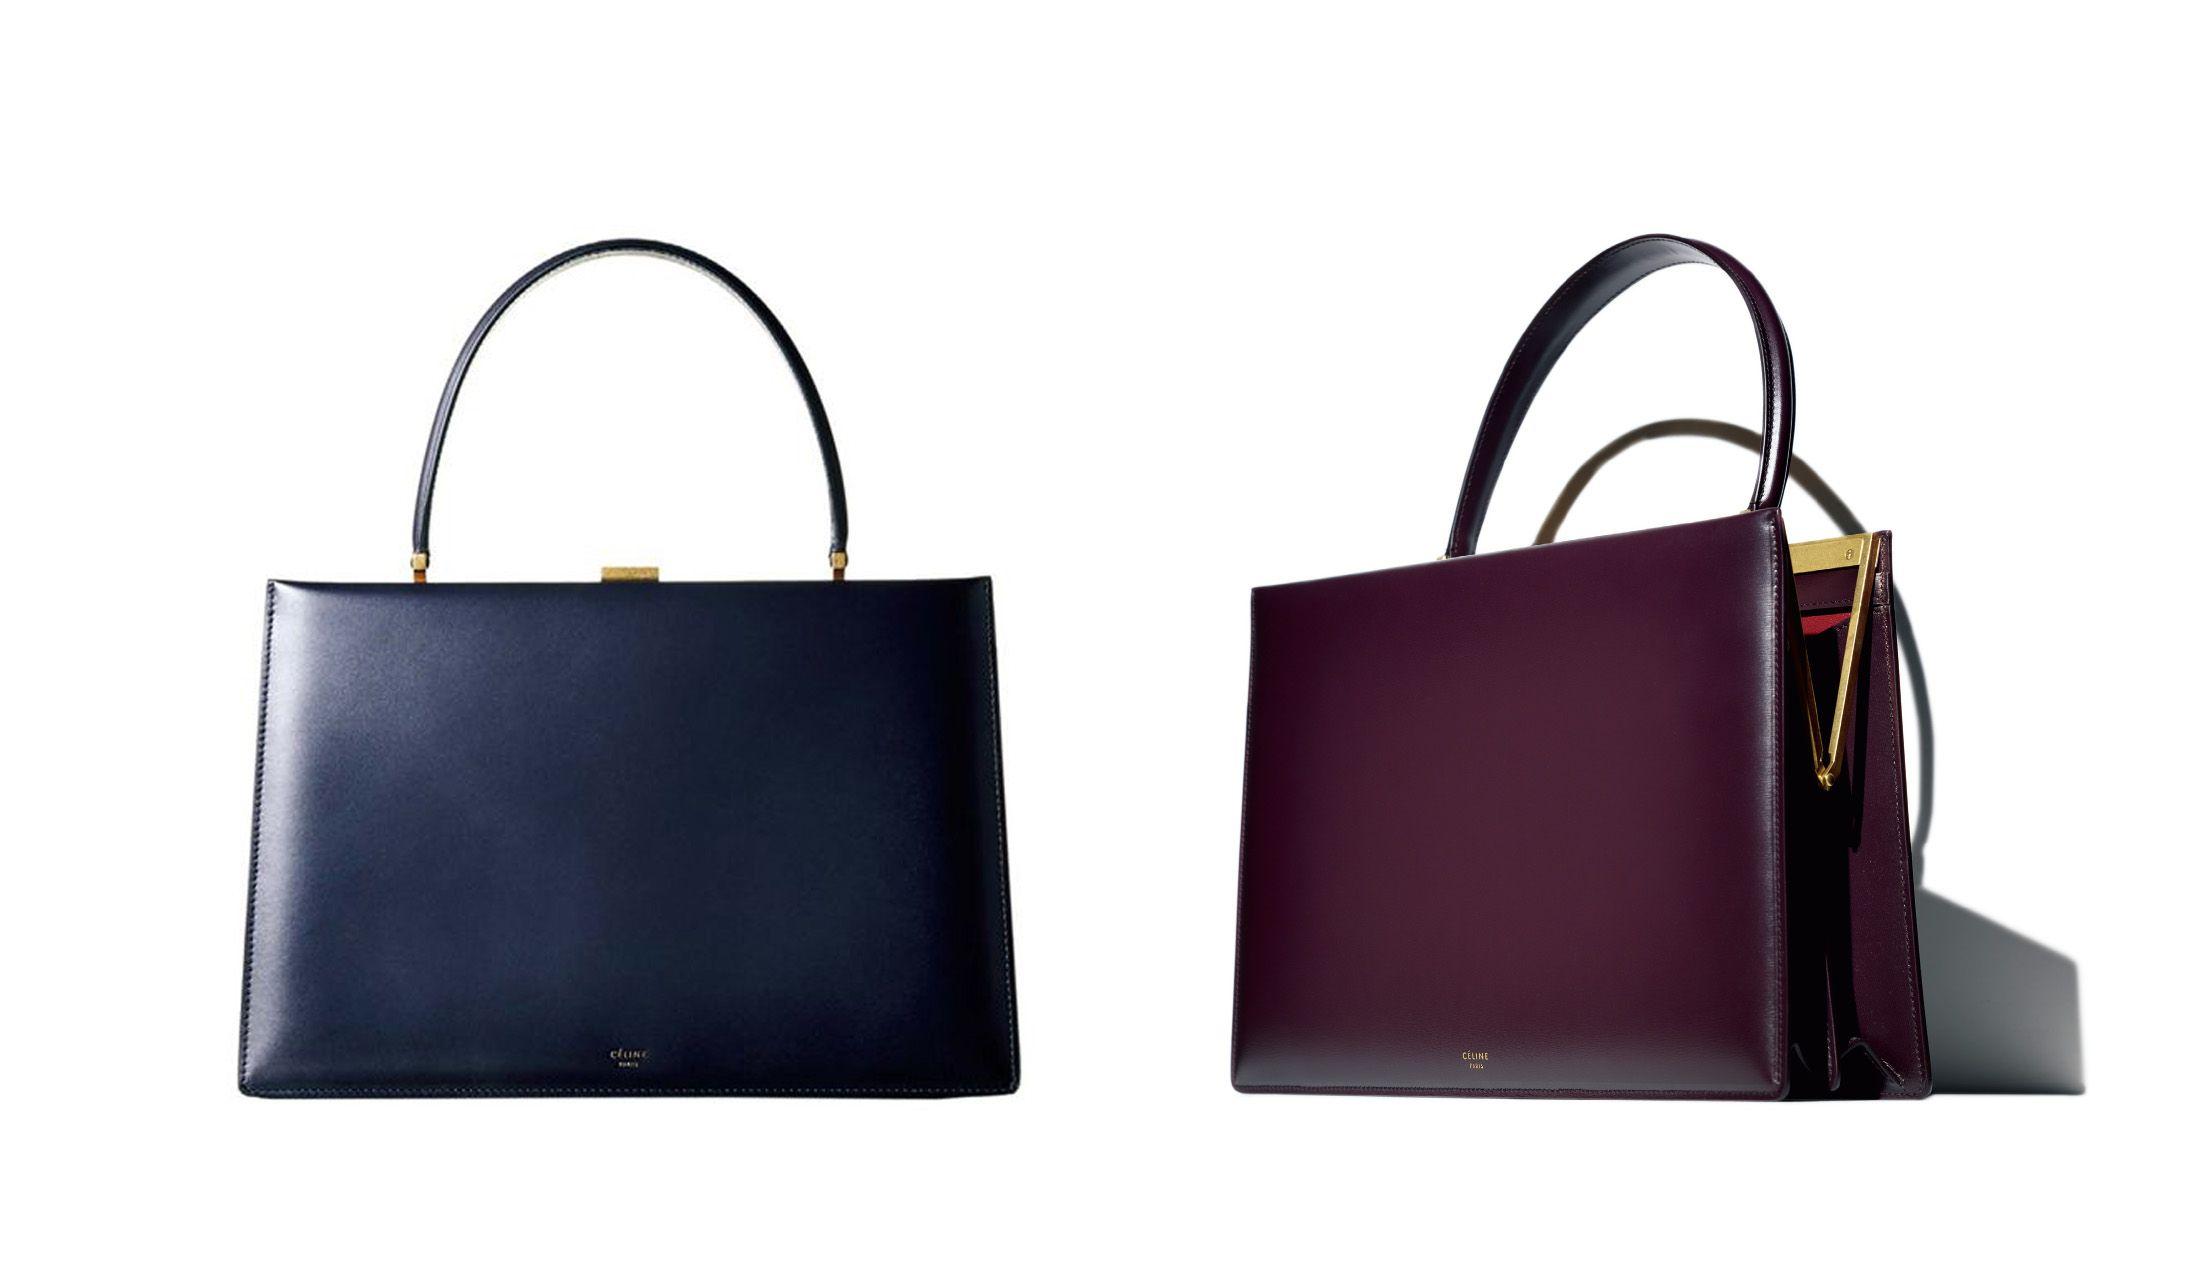 セリーヌのバッグ『クラスプ』